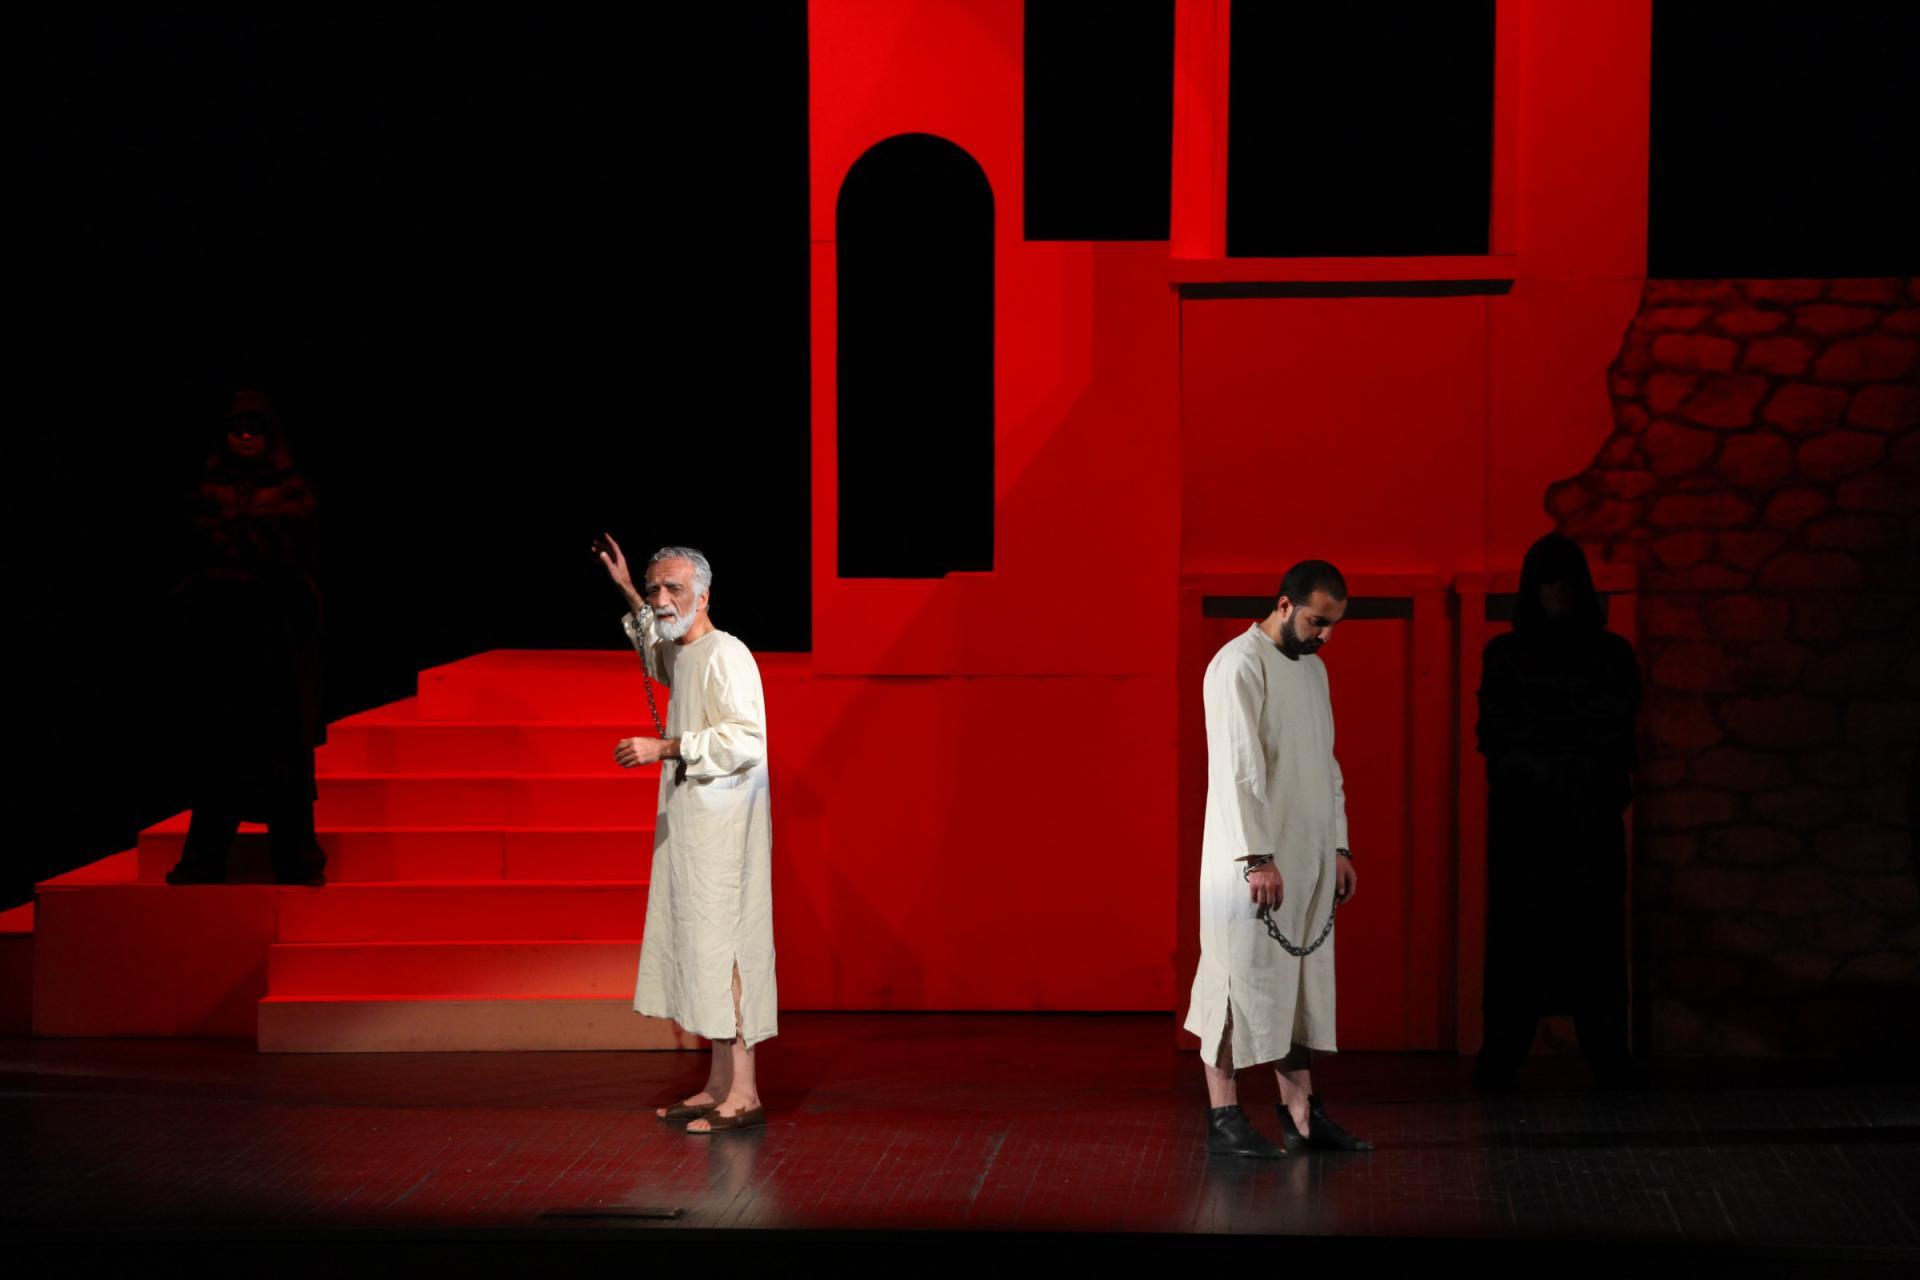 II Şəki Beynəlxalq Teatr Festivalı uğurla başa çatıb (FOTO) - Gallery Image